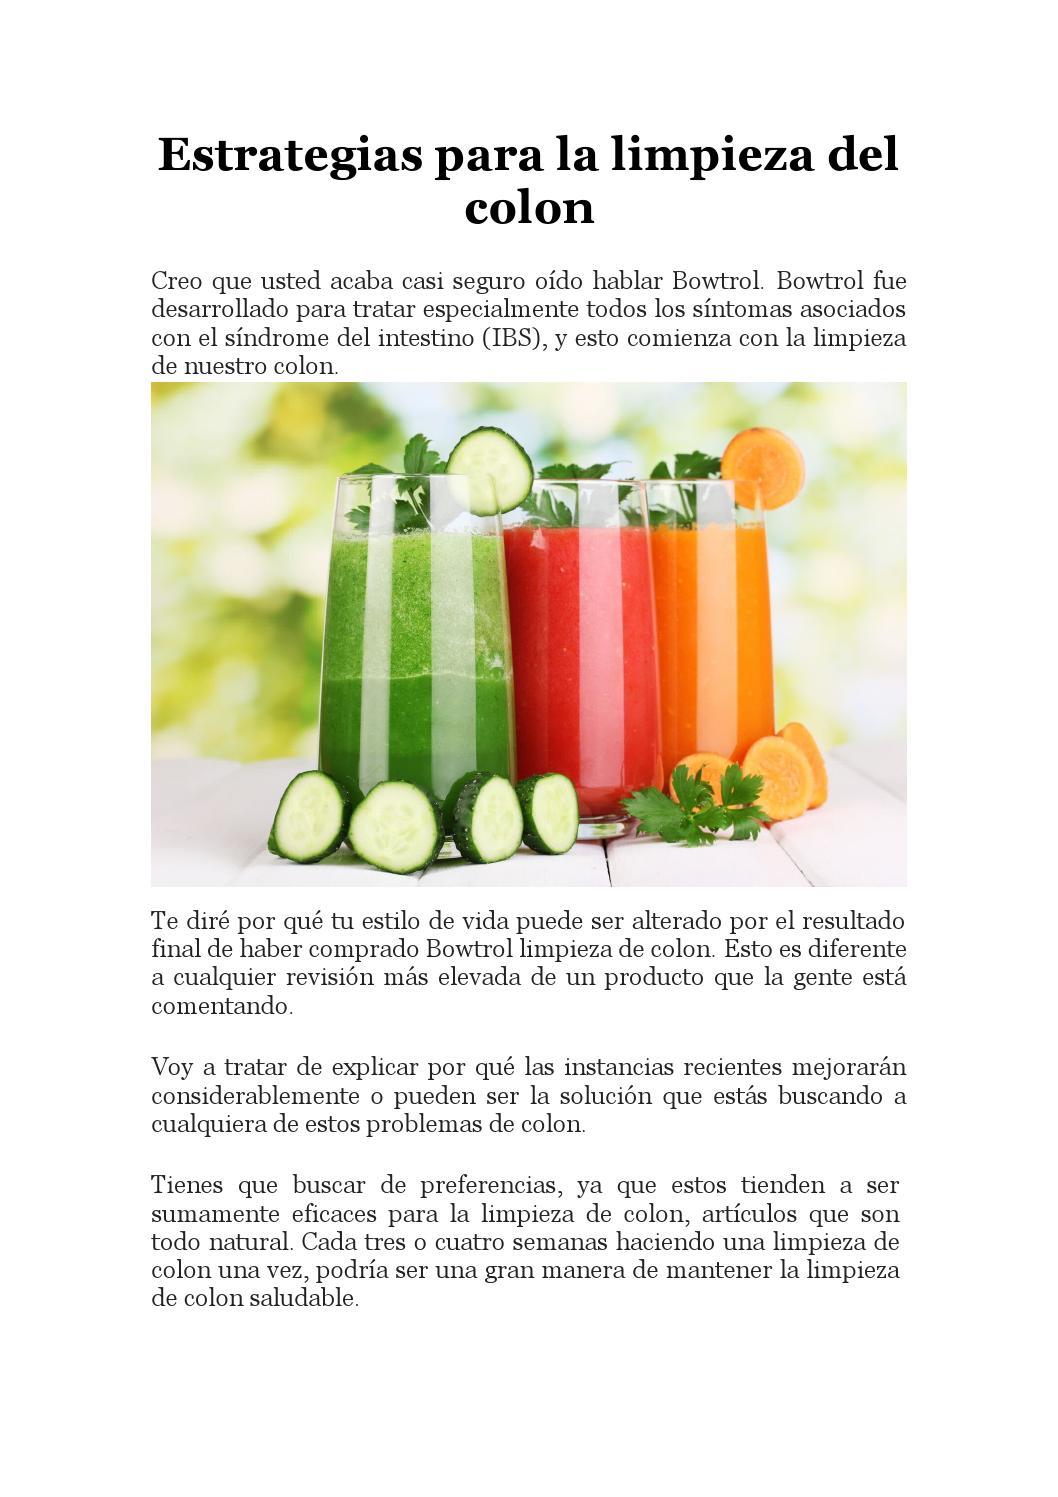 Photo of La información sobre la limpieza de Bowtrol